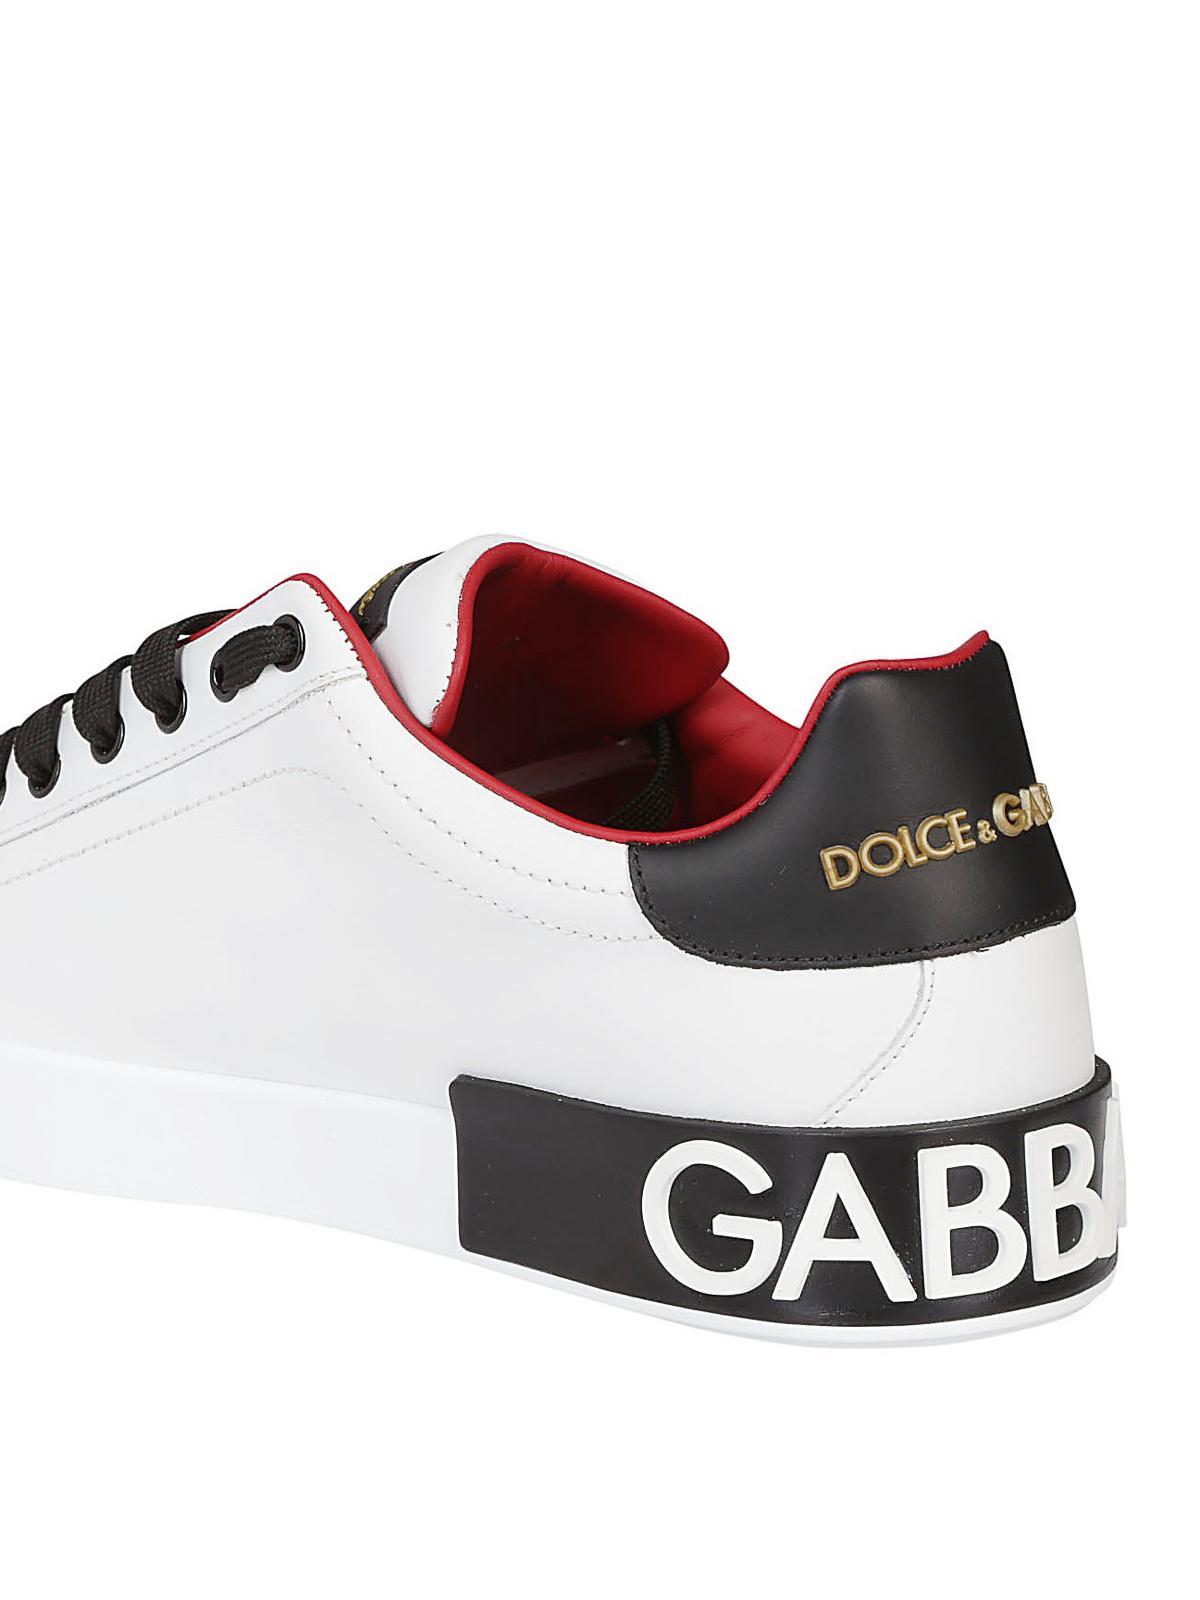 dolce and gabbana portofino sneakers